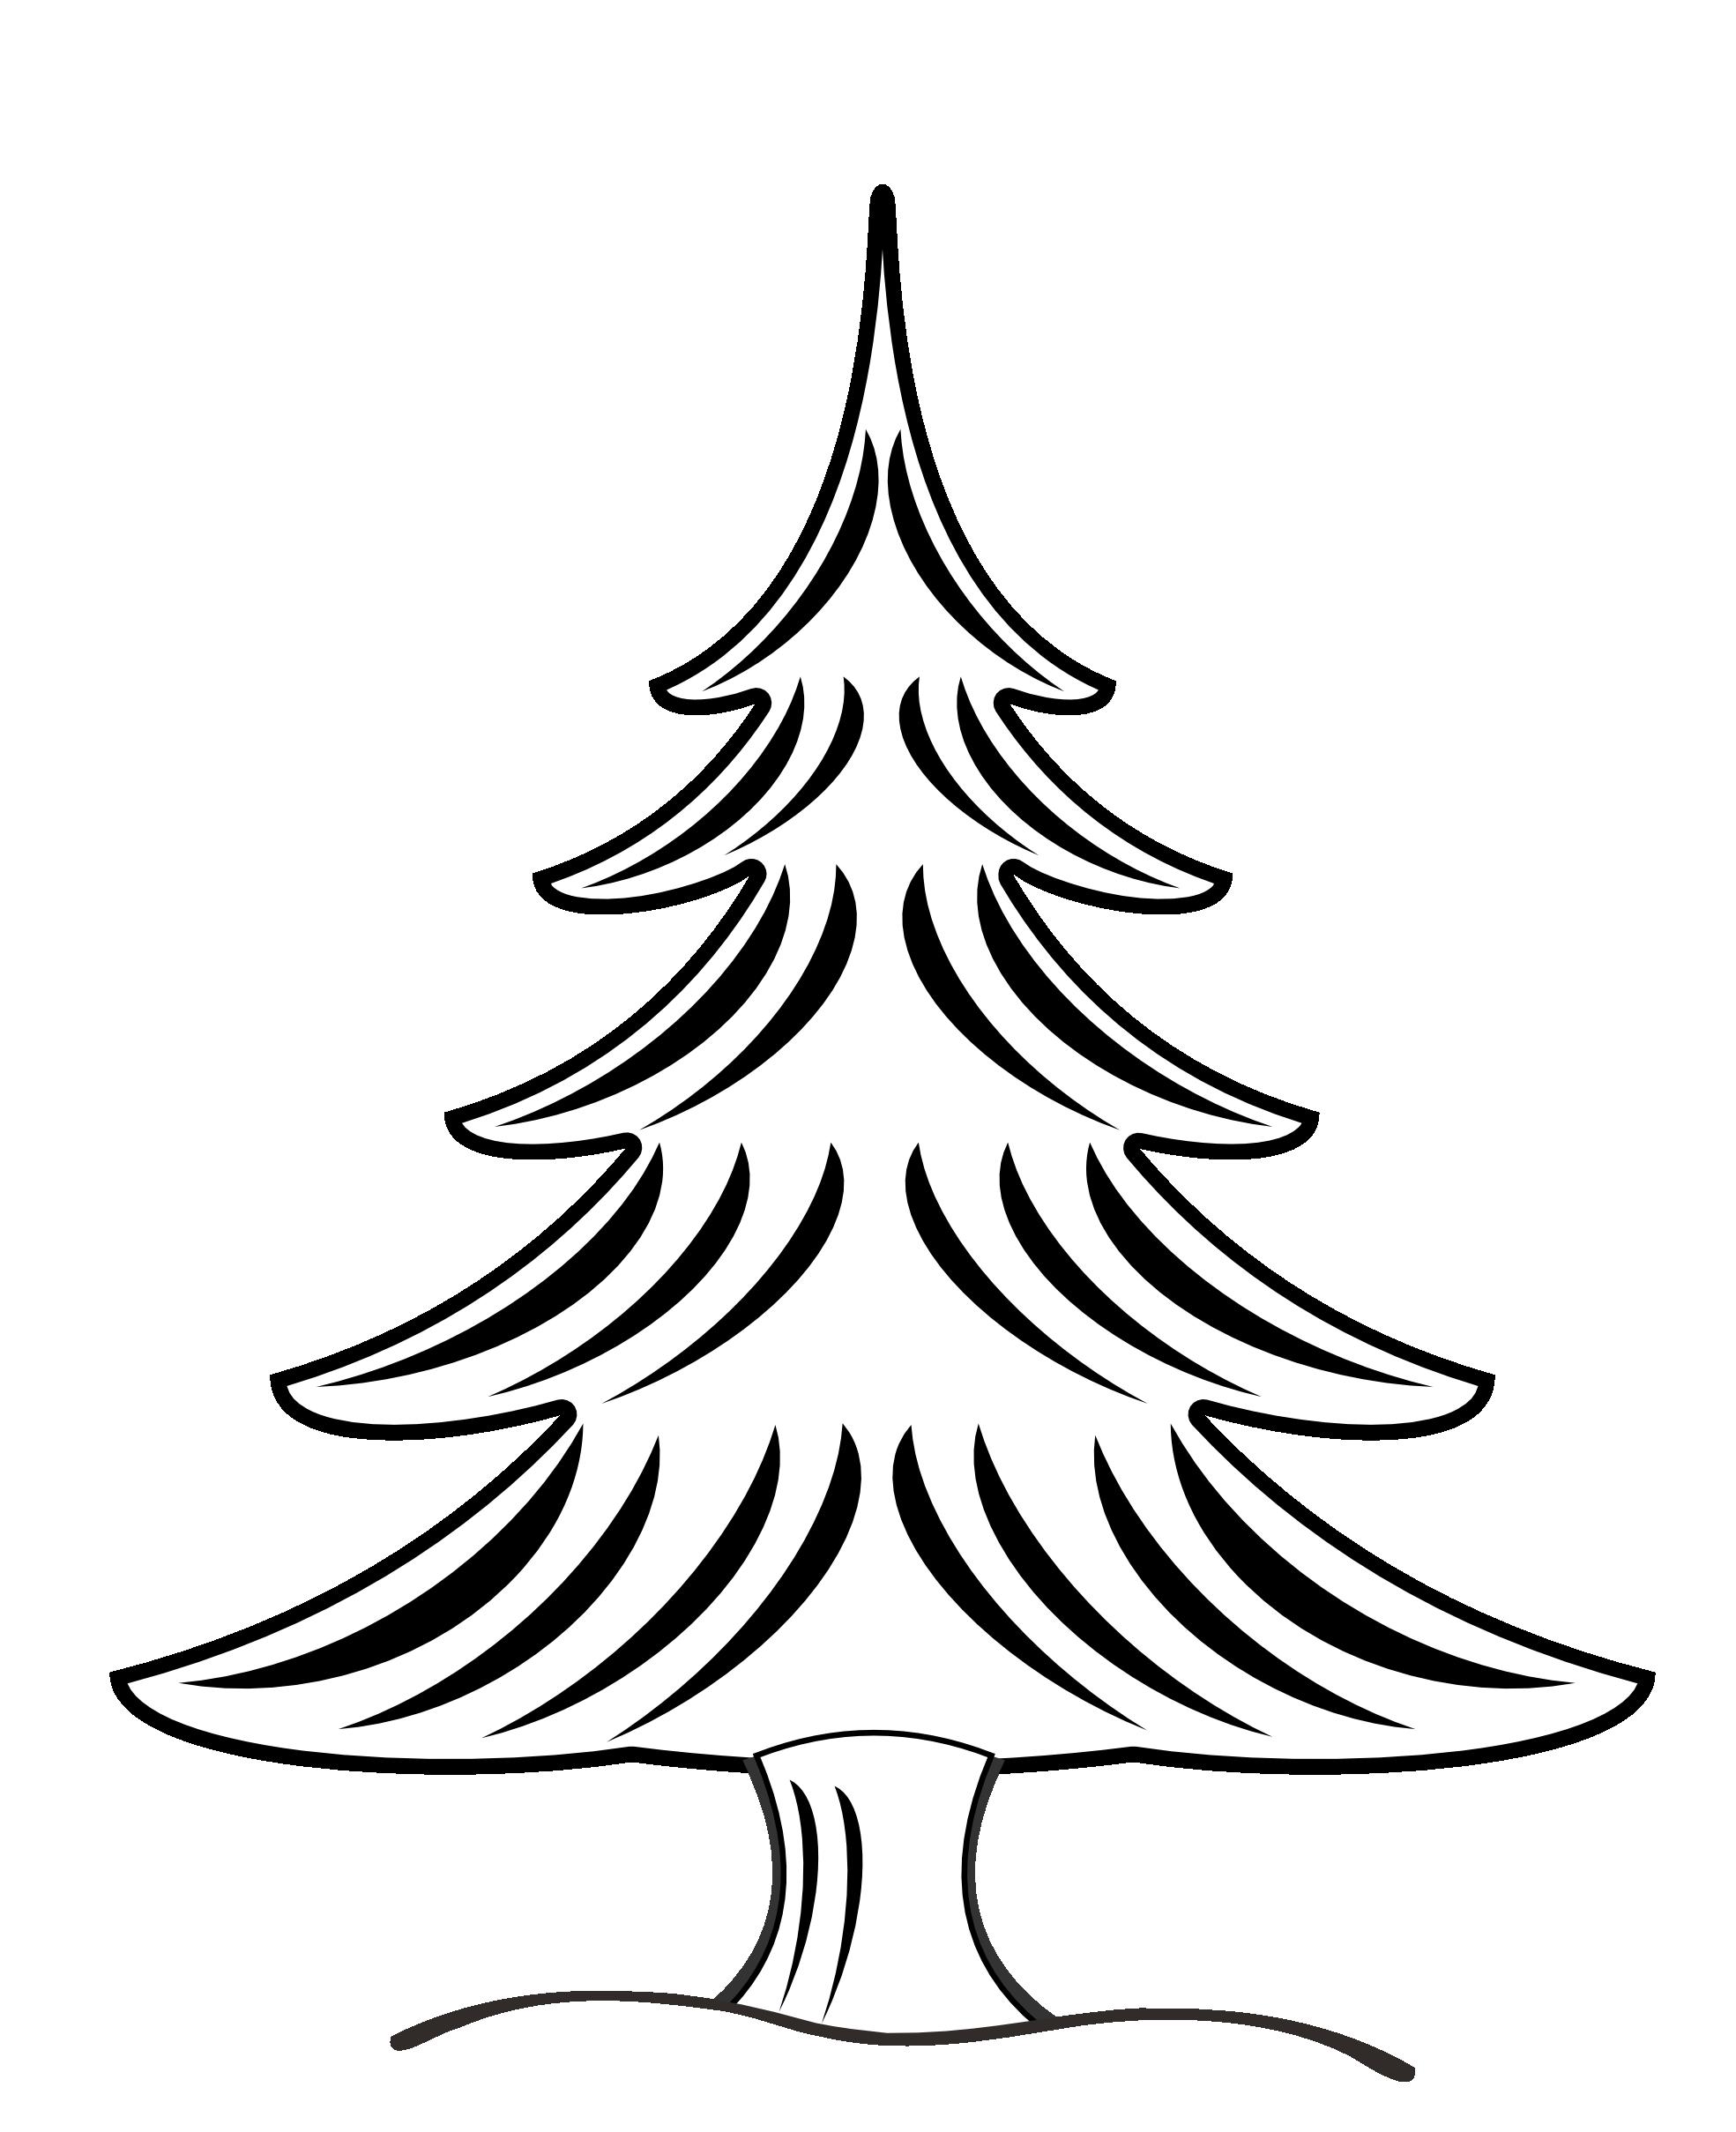 Image Result For Christmas Clip Art Black And White Malvorlage Tannenbaum Weihnachtsmalvorlagen Geburtstag Malvorlagen